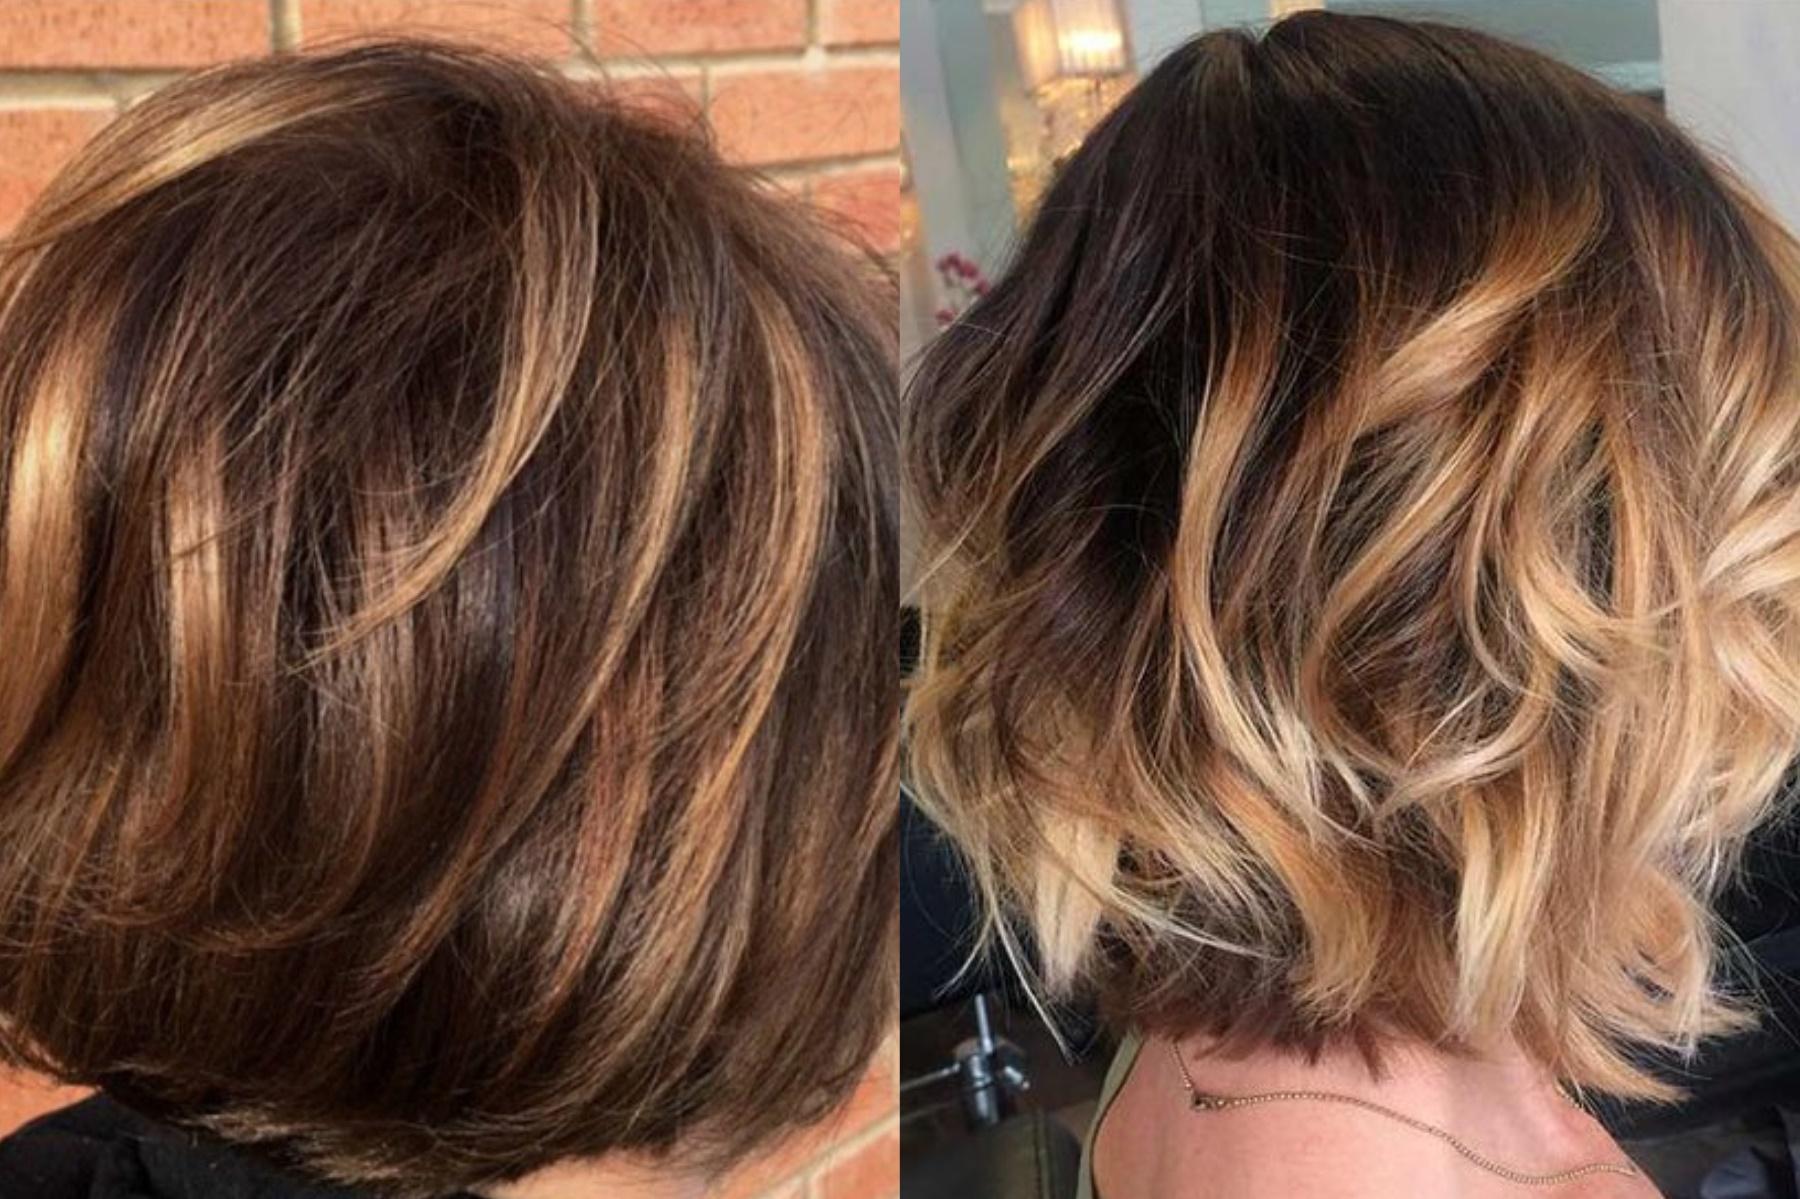 картинки техники балаяж на короткие волосы идеально